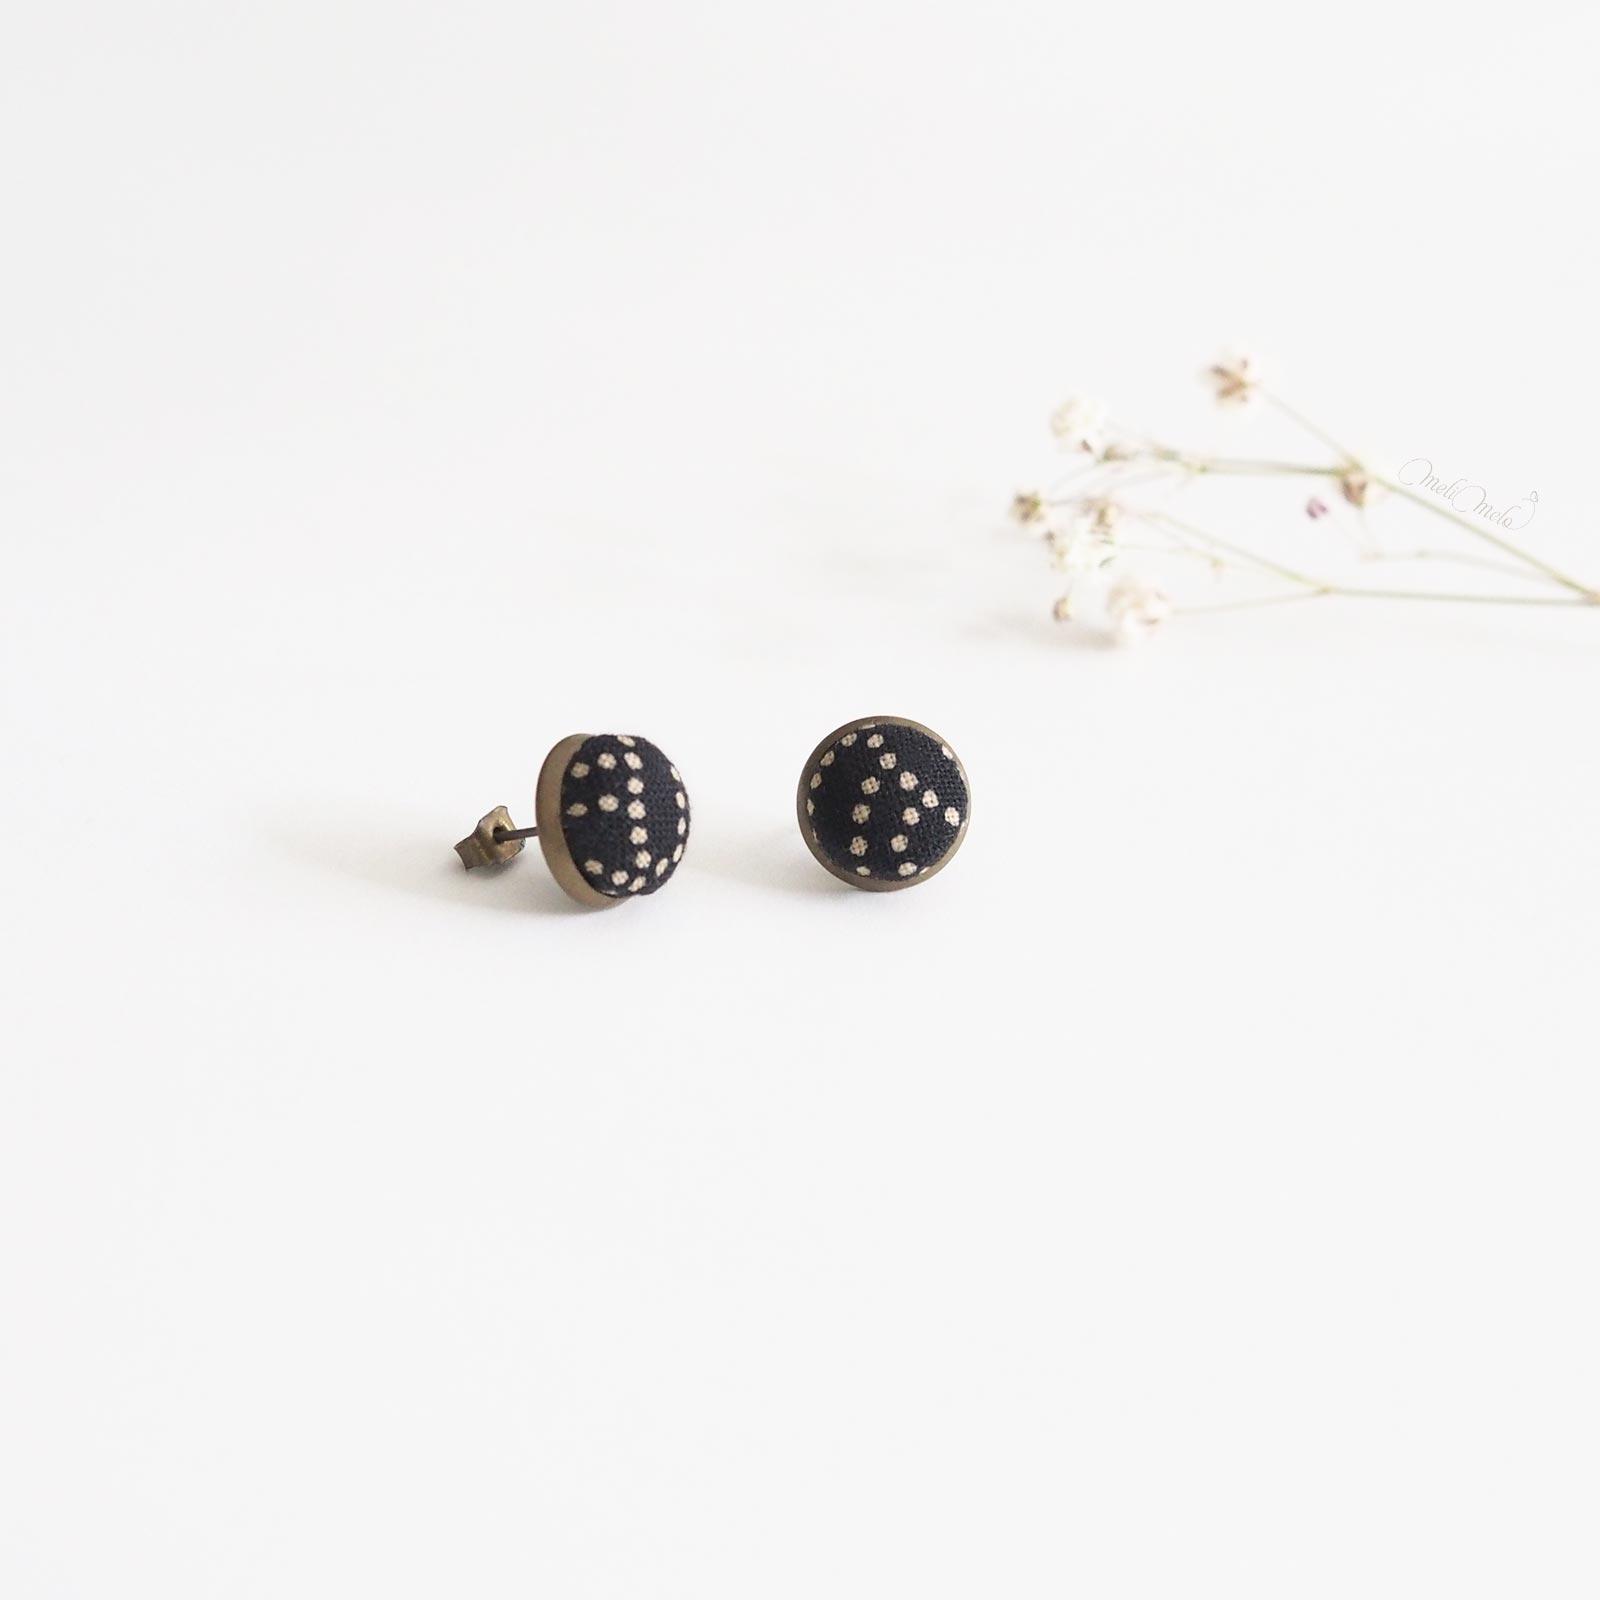 puces oreilles seikaiha black pois tissu japonais laboutiquedemelimelo